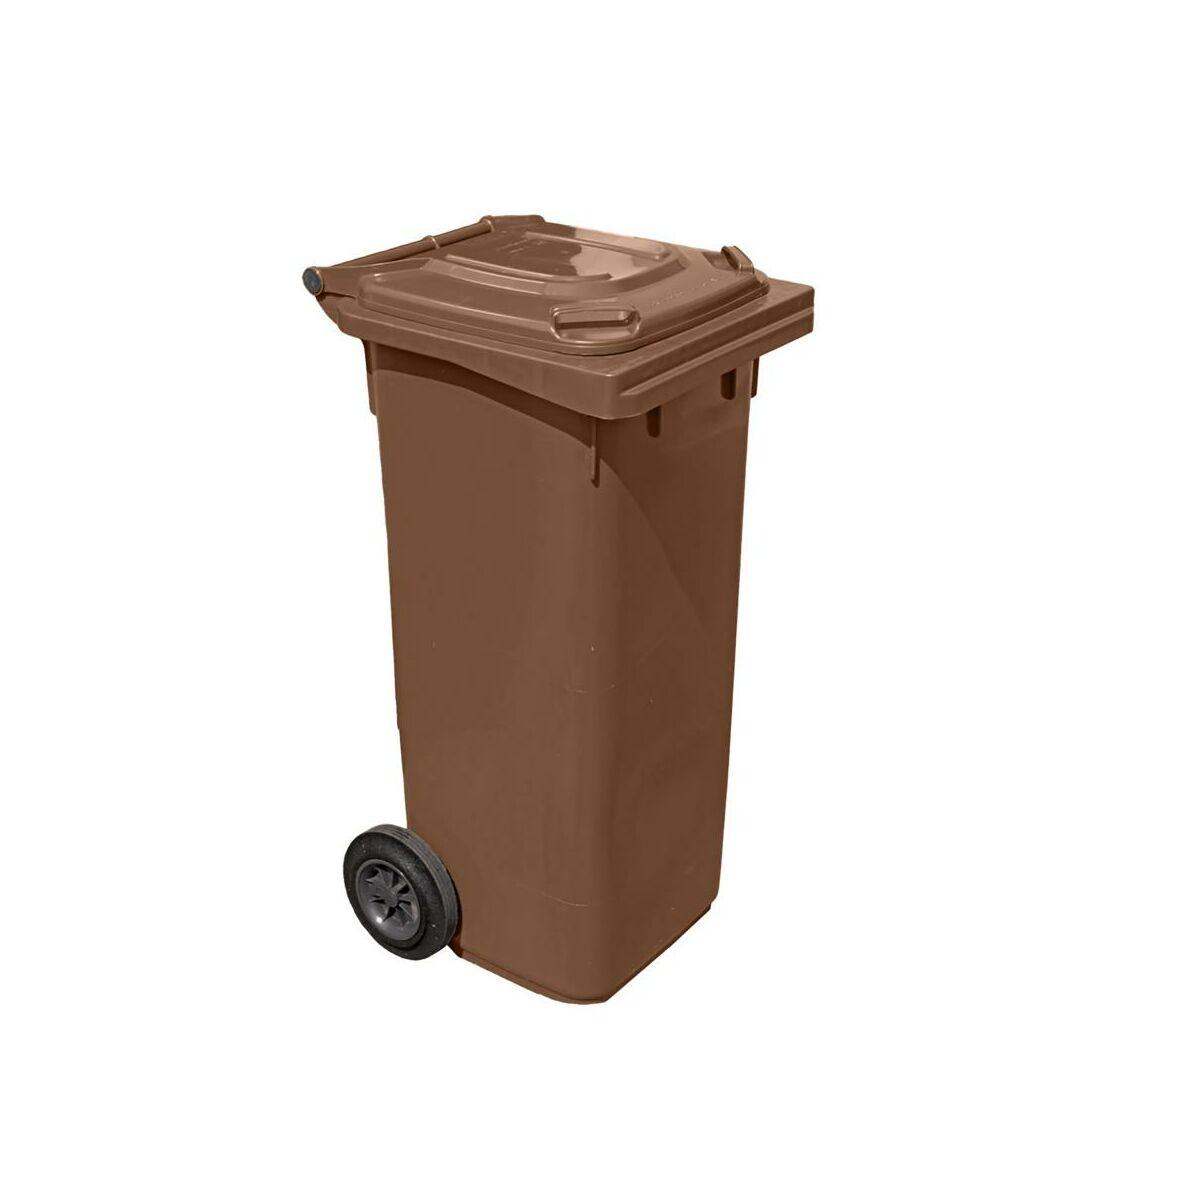 Kosz Na Smieci 120 L Arregui Brazowy Na Odpady Biodegradowalne Kosze Na Smieci Pojemniki Na Odpady W Atrakcyjnej Cenie W Sklepach Leroy Merlin